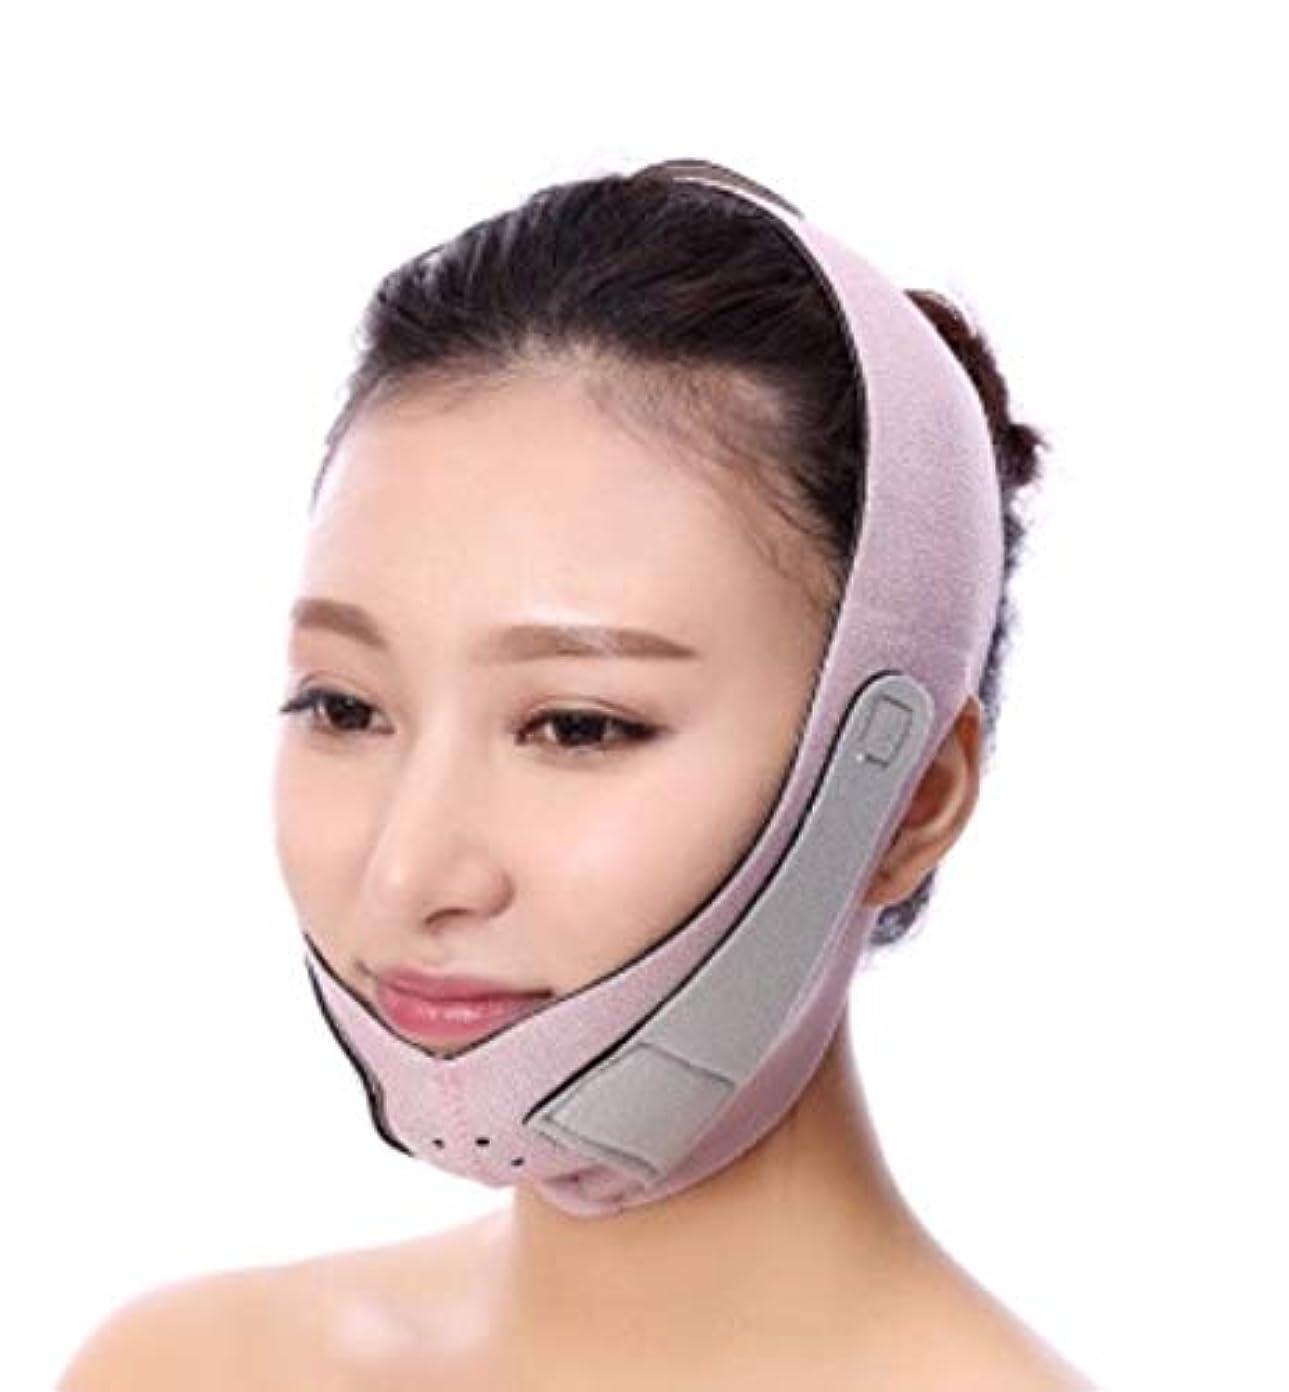 あごひげ致命的リクルートTrust Contact リフトアップベルト 小顔マスク 矯正 小顔 リフトアップ フェイス 顔痩せ マスク